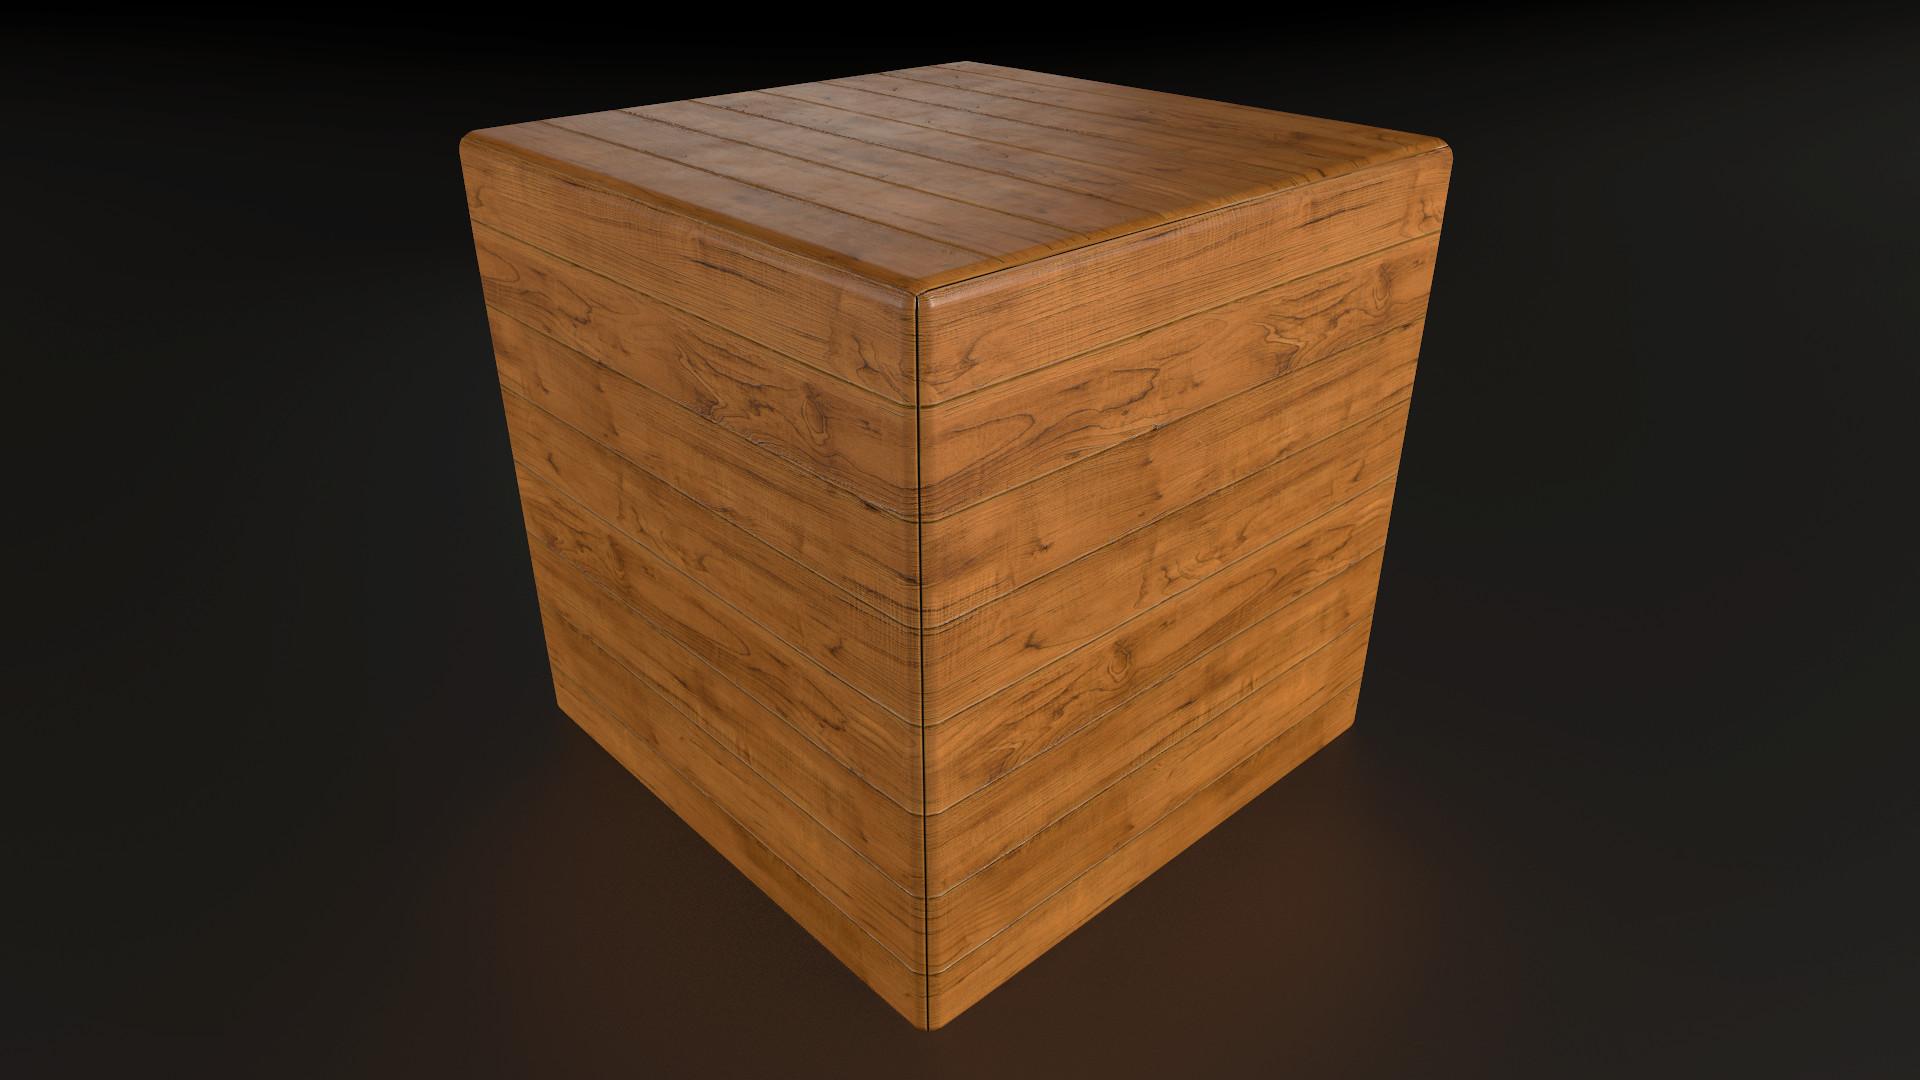 Axel loreman woodcube